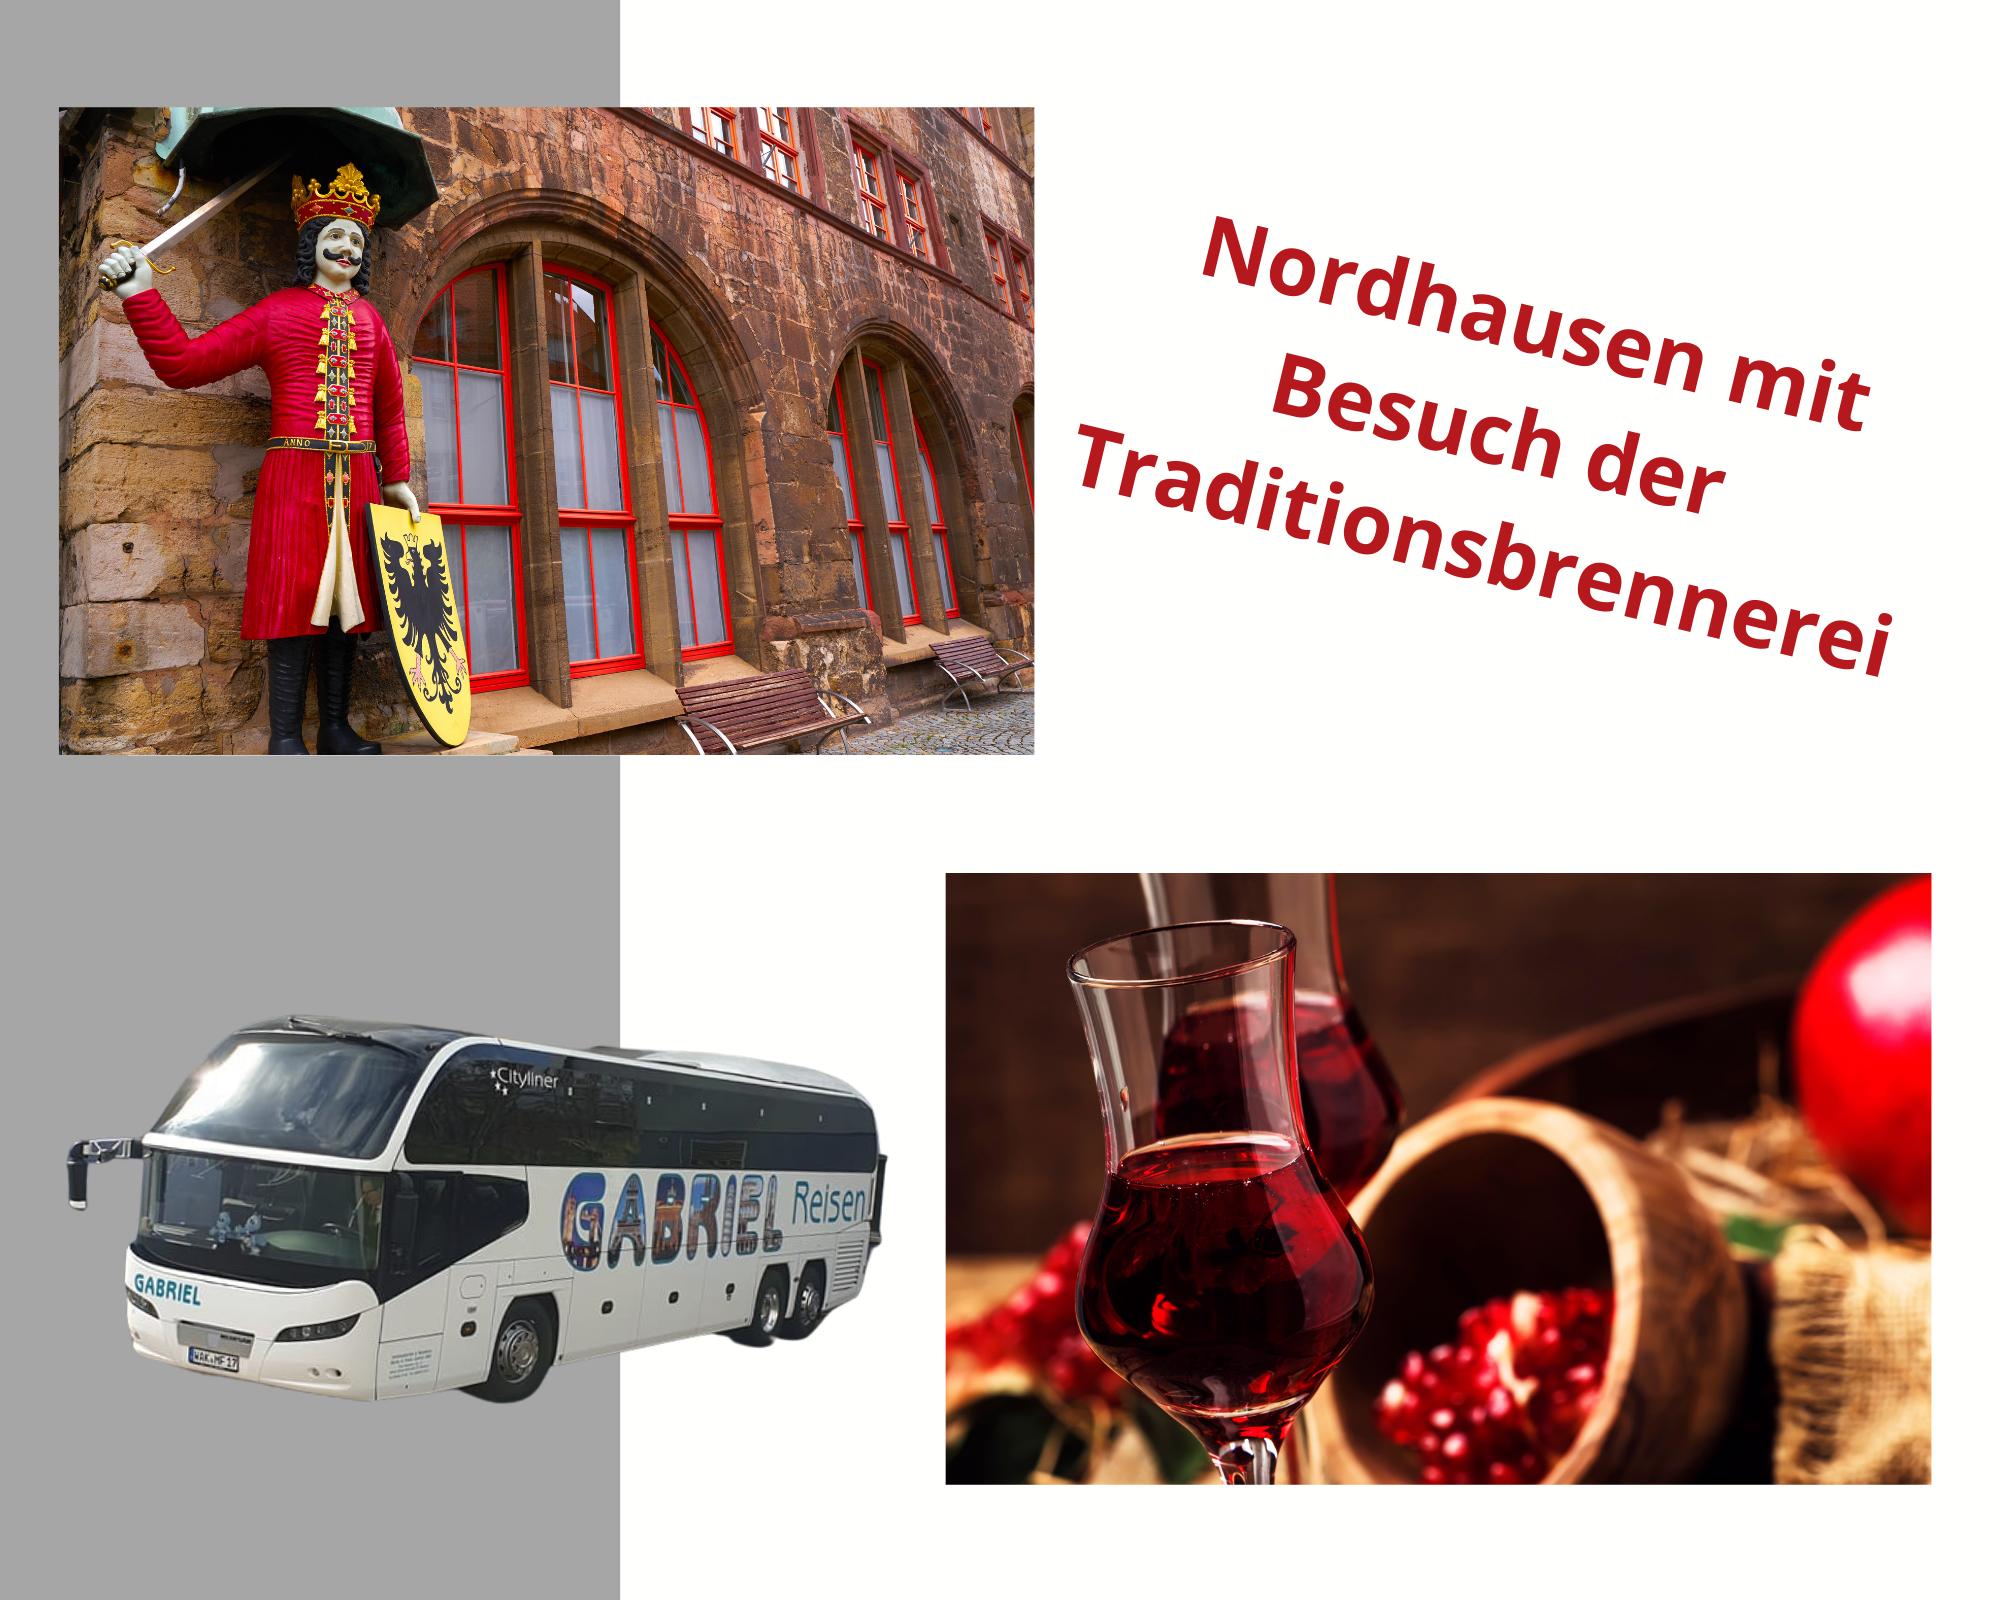 Nordhausen - die 1000-jährige Stadt am 12.10.2021